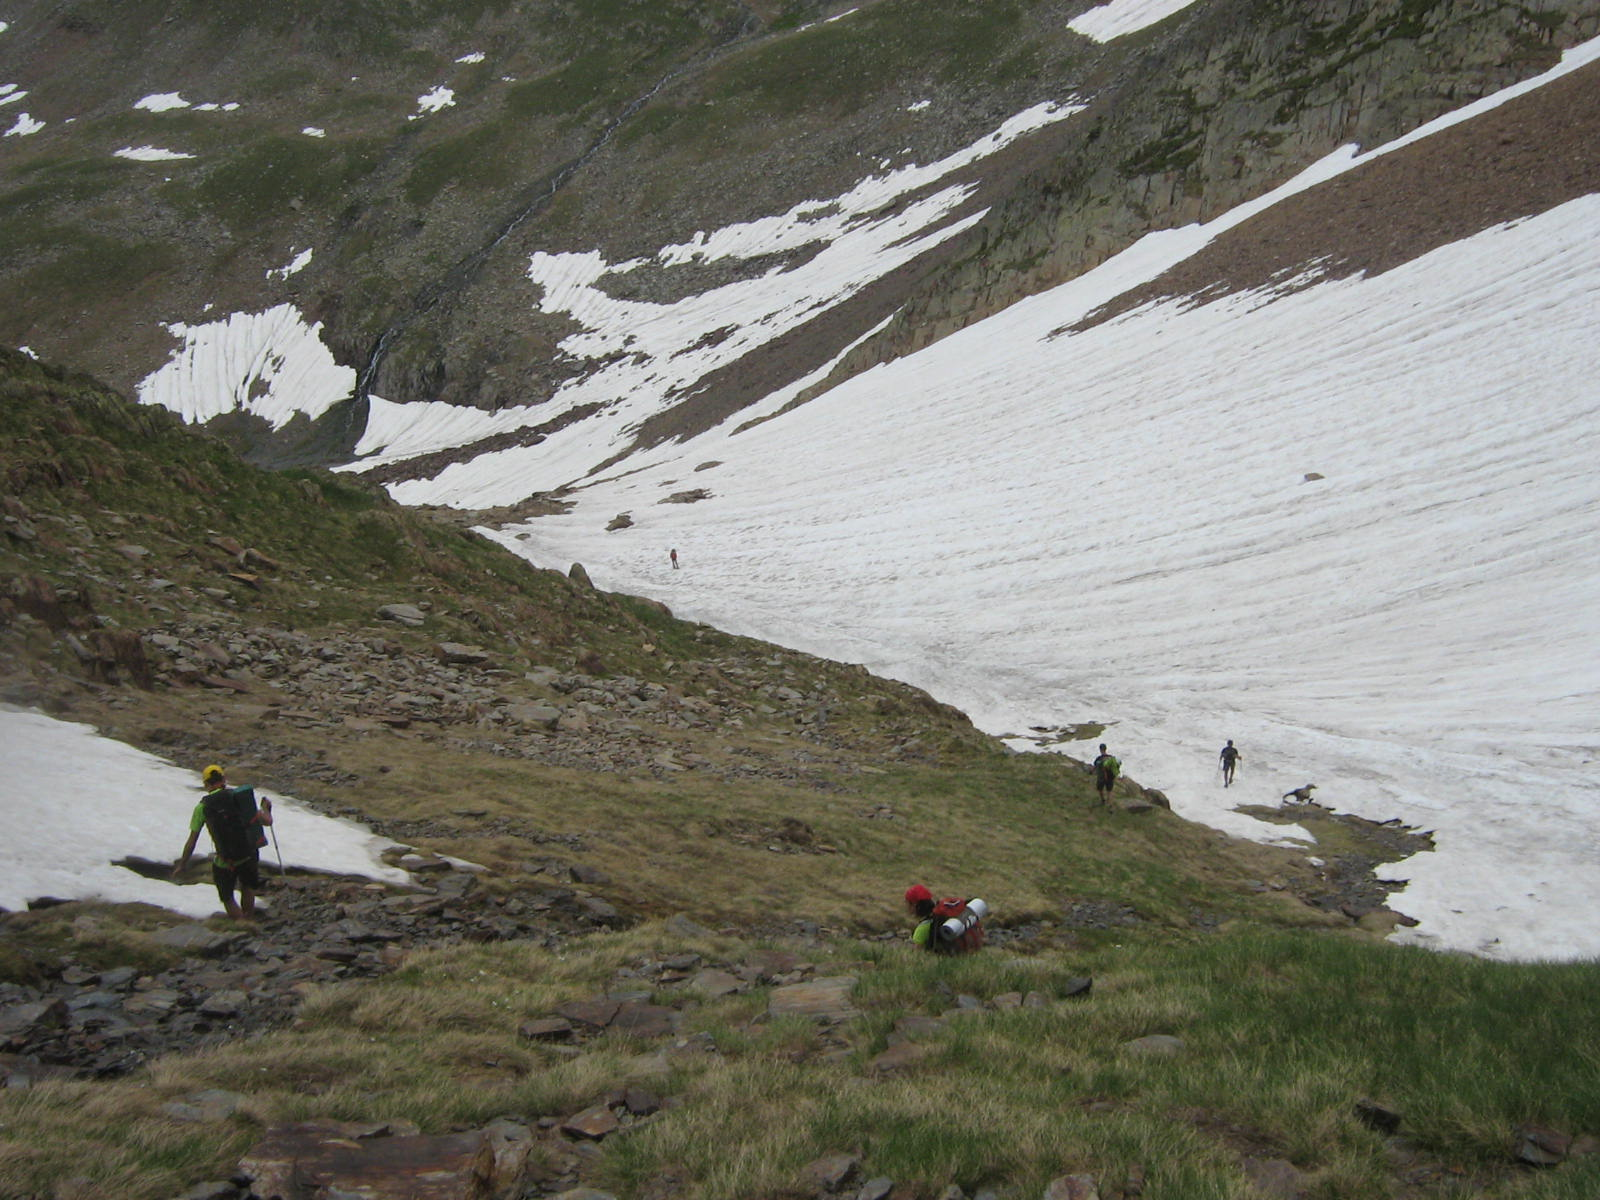 09-06-30 044 Bajada del Coll de Certascan hacia el Refugi de Certascan